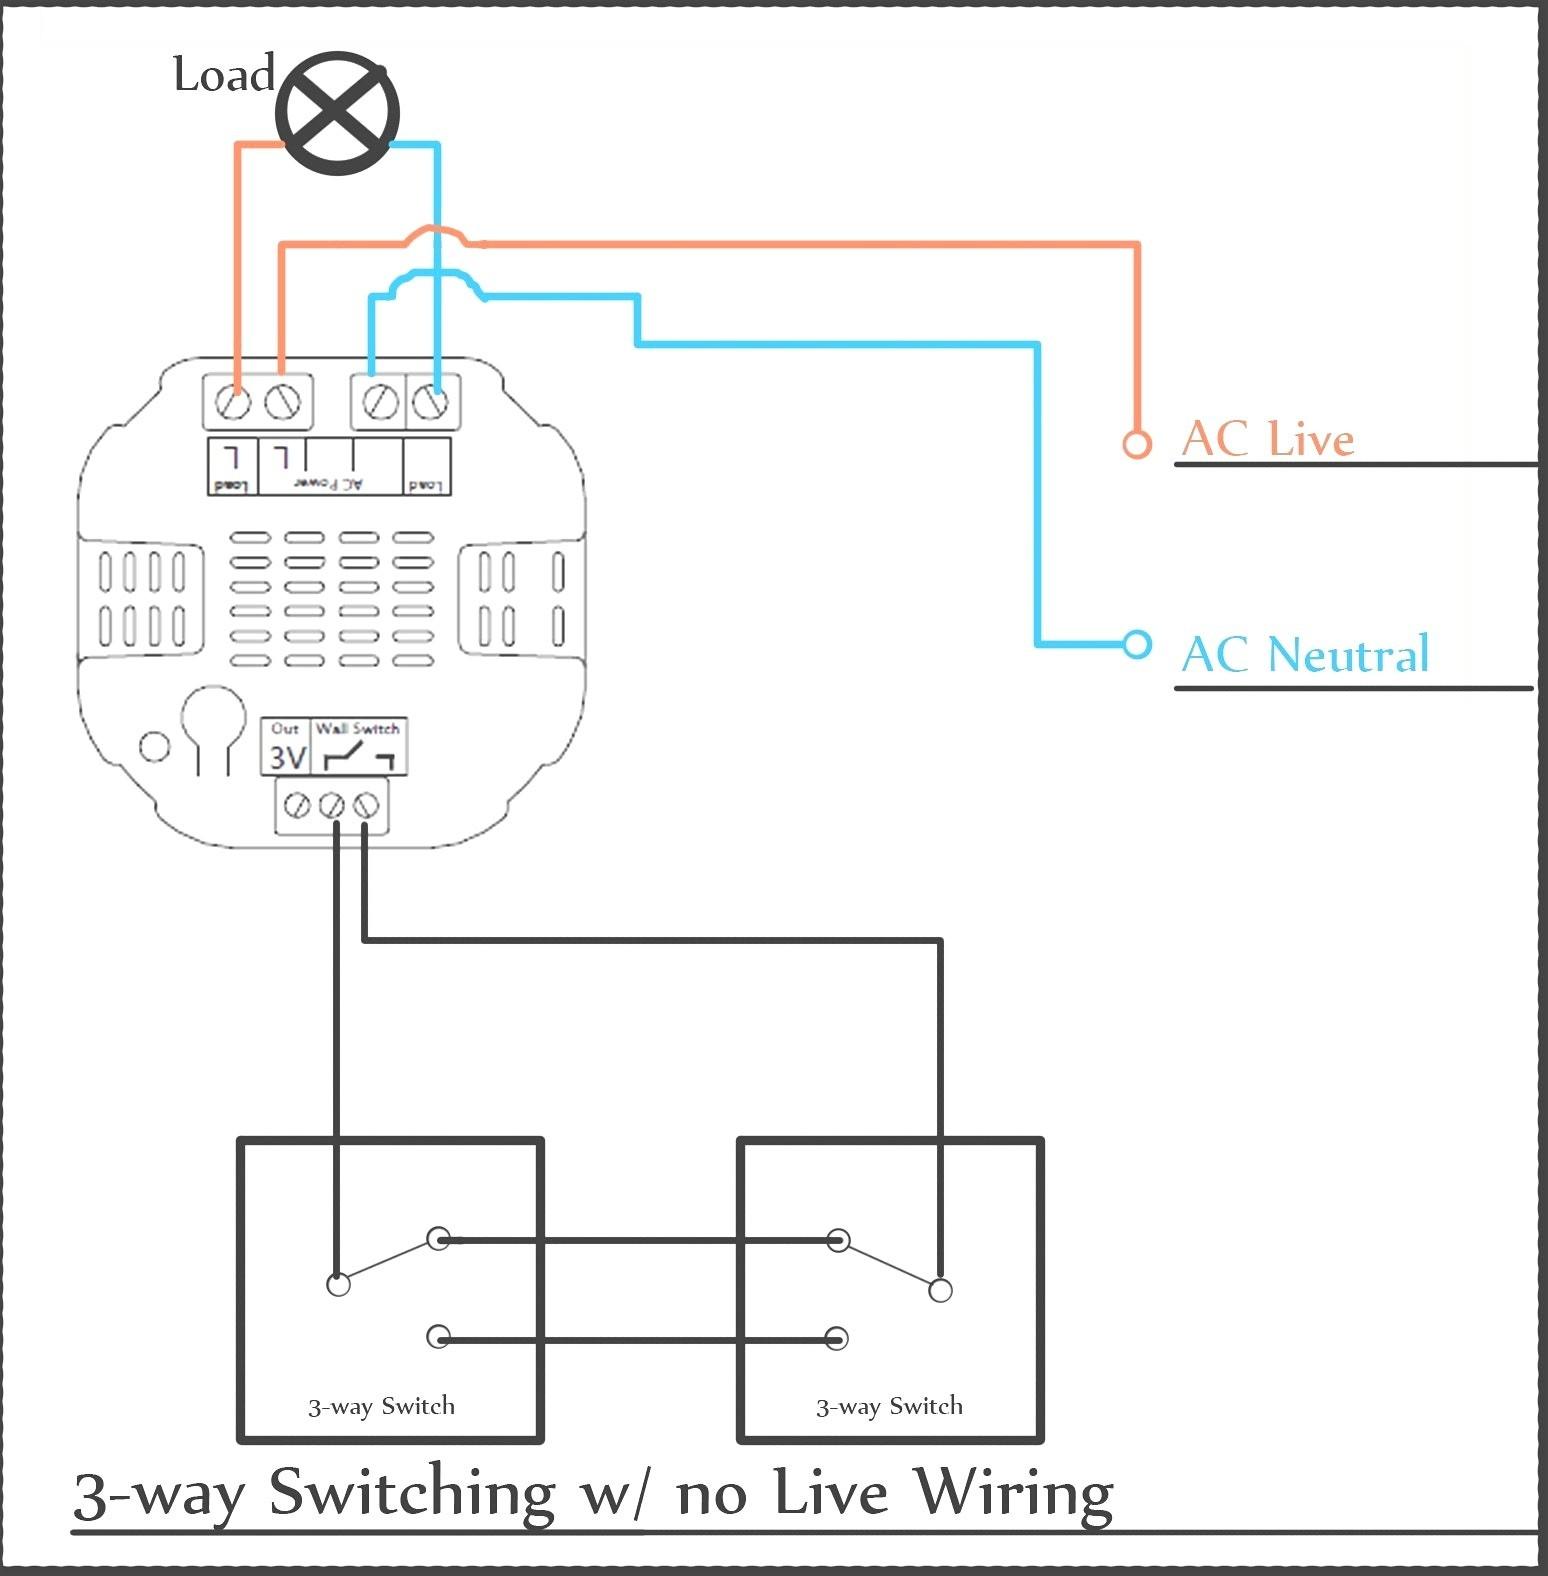 Leviton Switch Wiring Diagram Unique Leviton Wiring Diagram 3 Way Switch Dimmers 6842 Diagrams Pole In